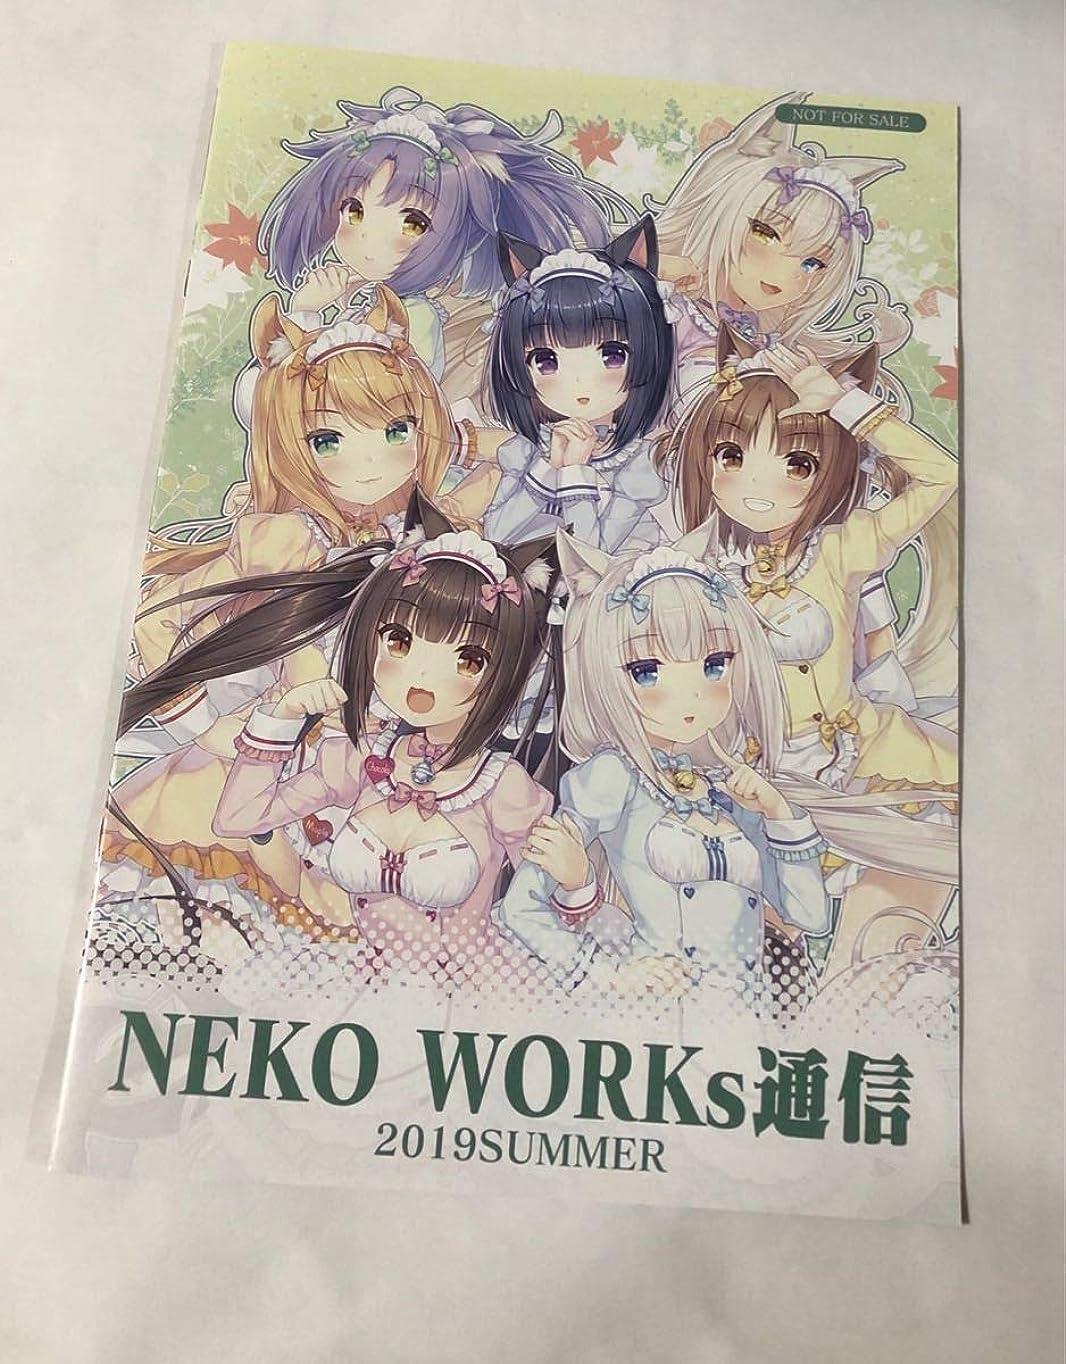 C96 コミケ96 小冊子 ネコワークス通信 ネコぱら NEKOWORKs 通信 コミックマーケット96